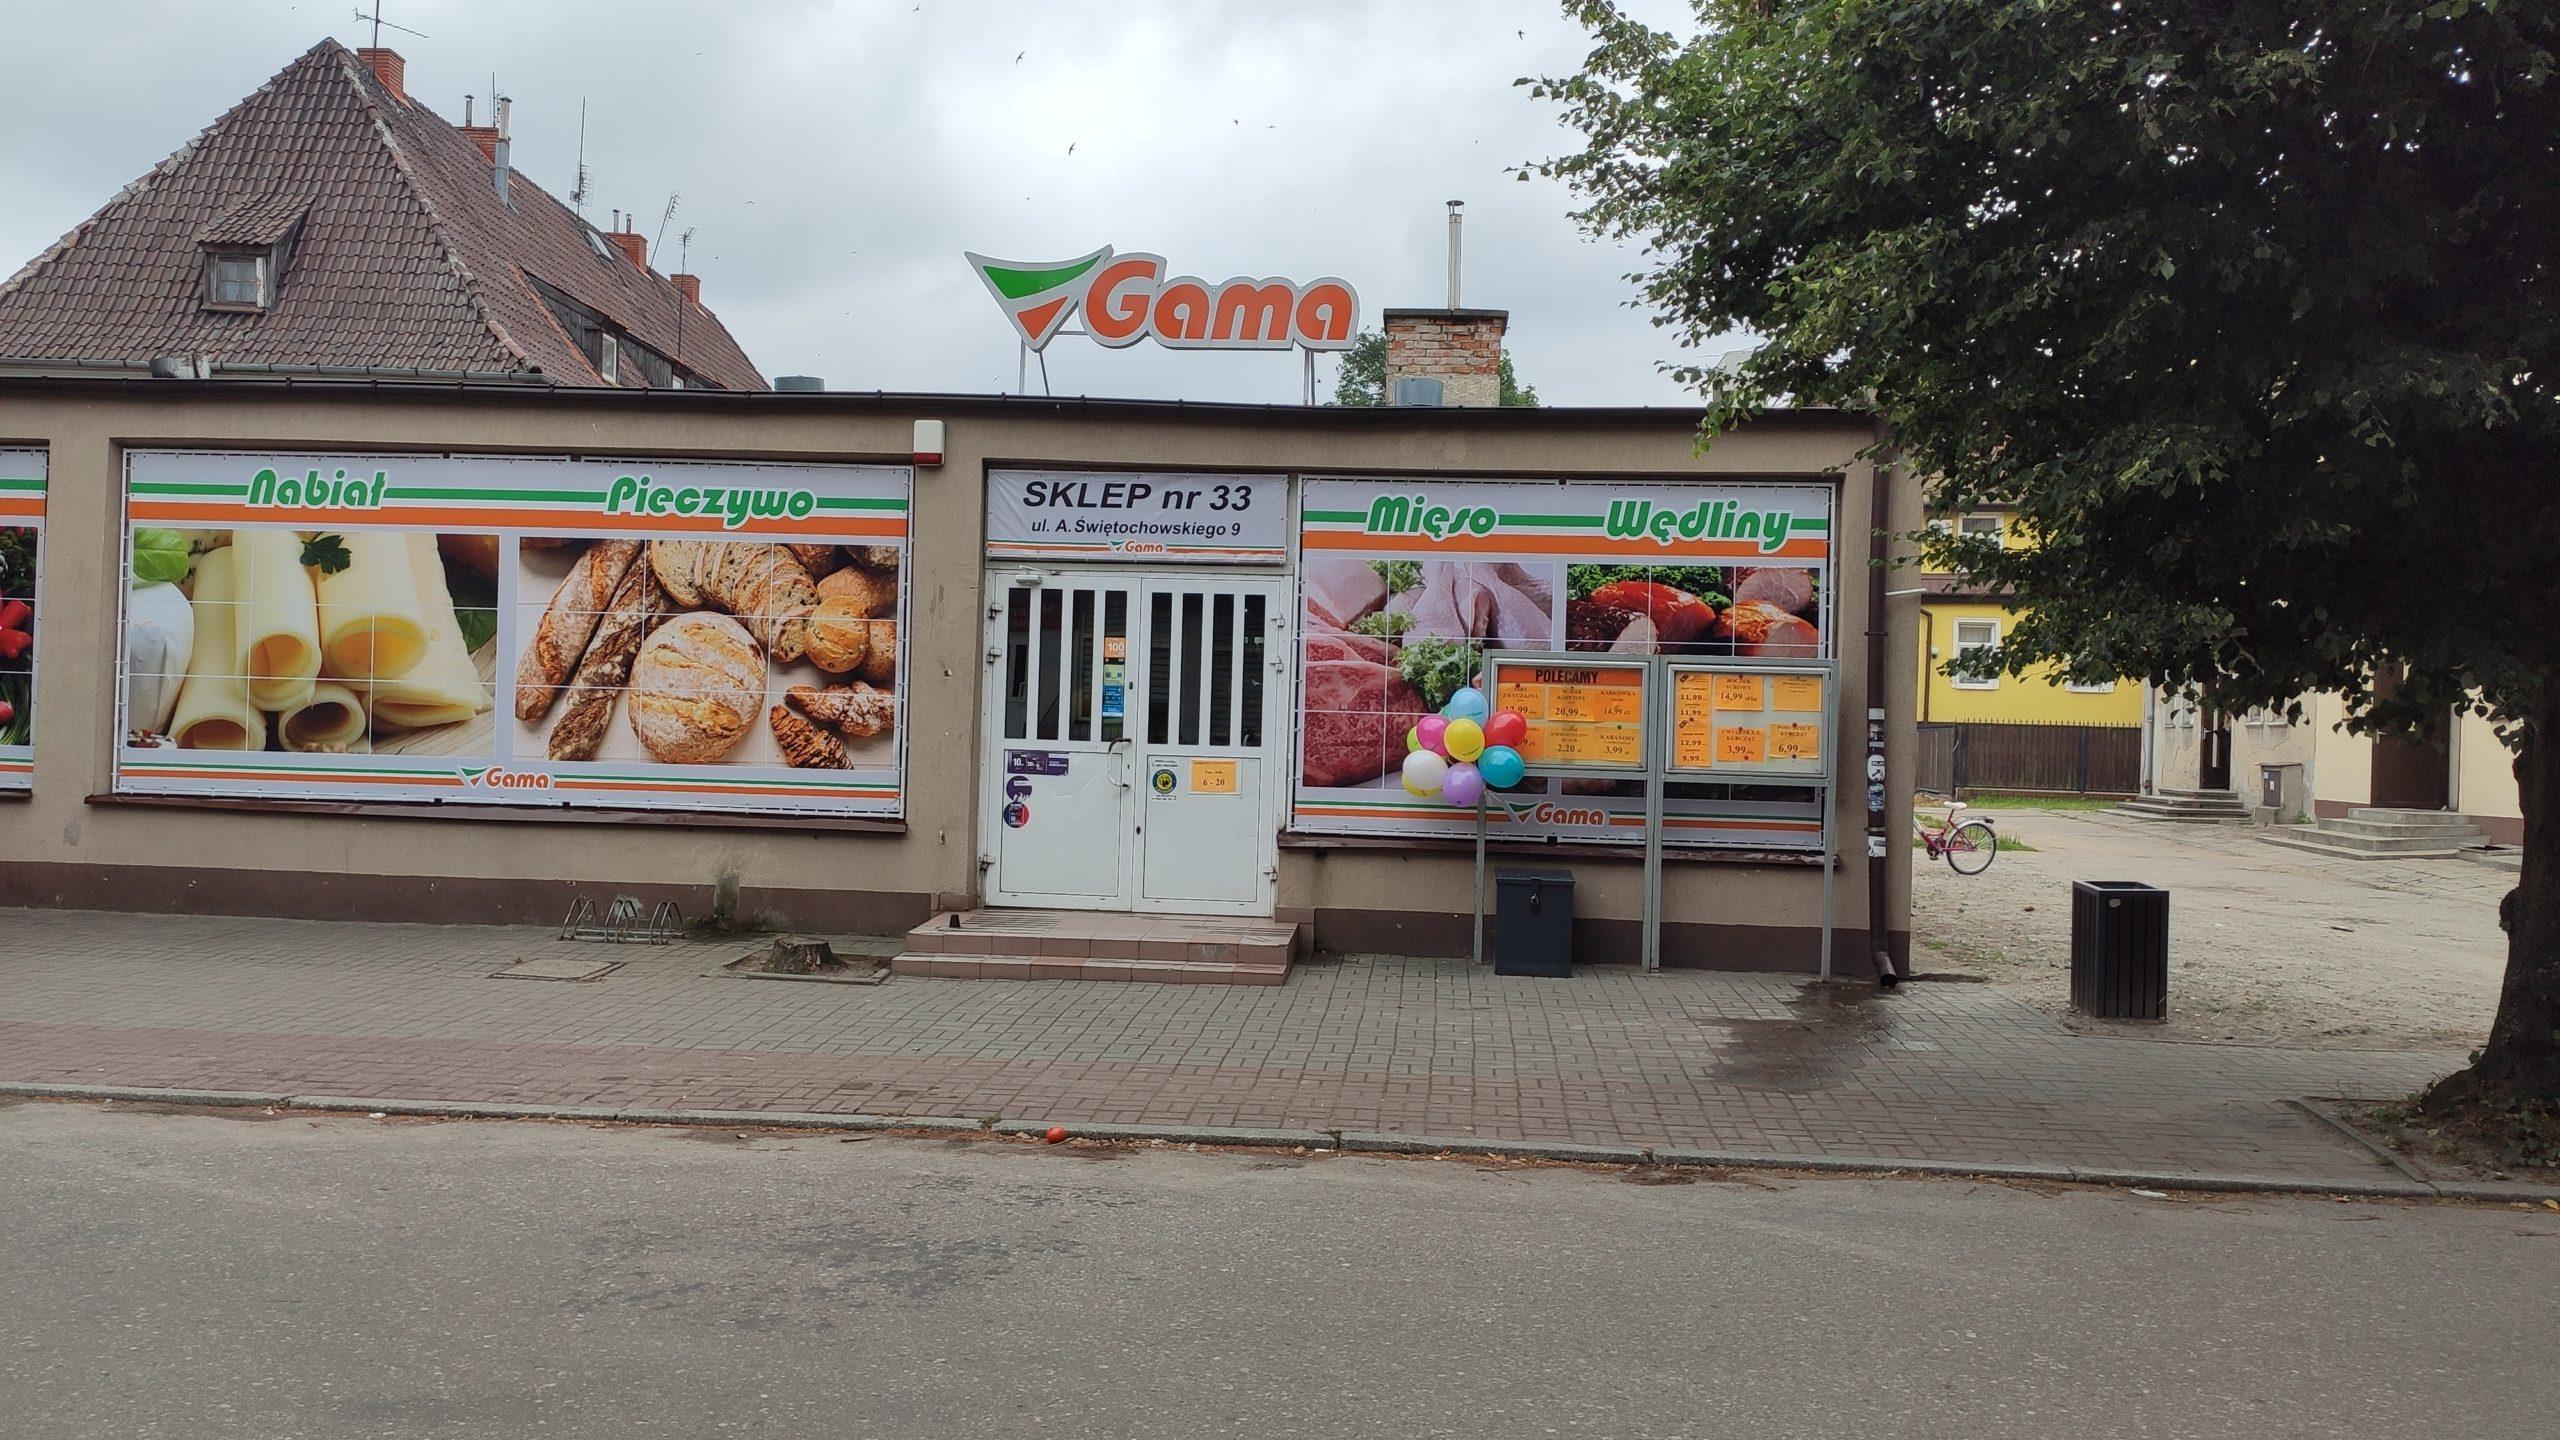 Nowa Gama w Ciechanowie